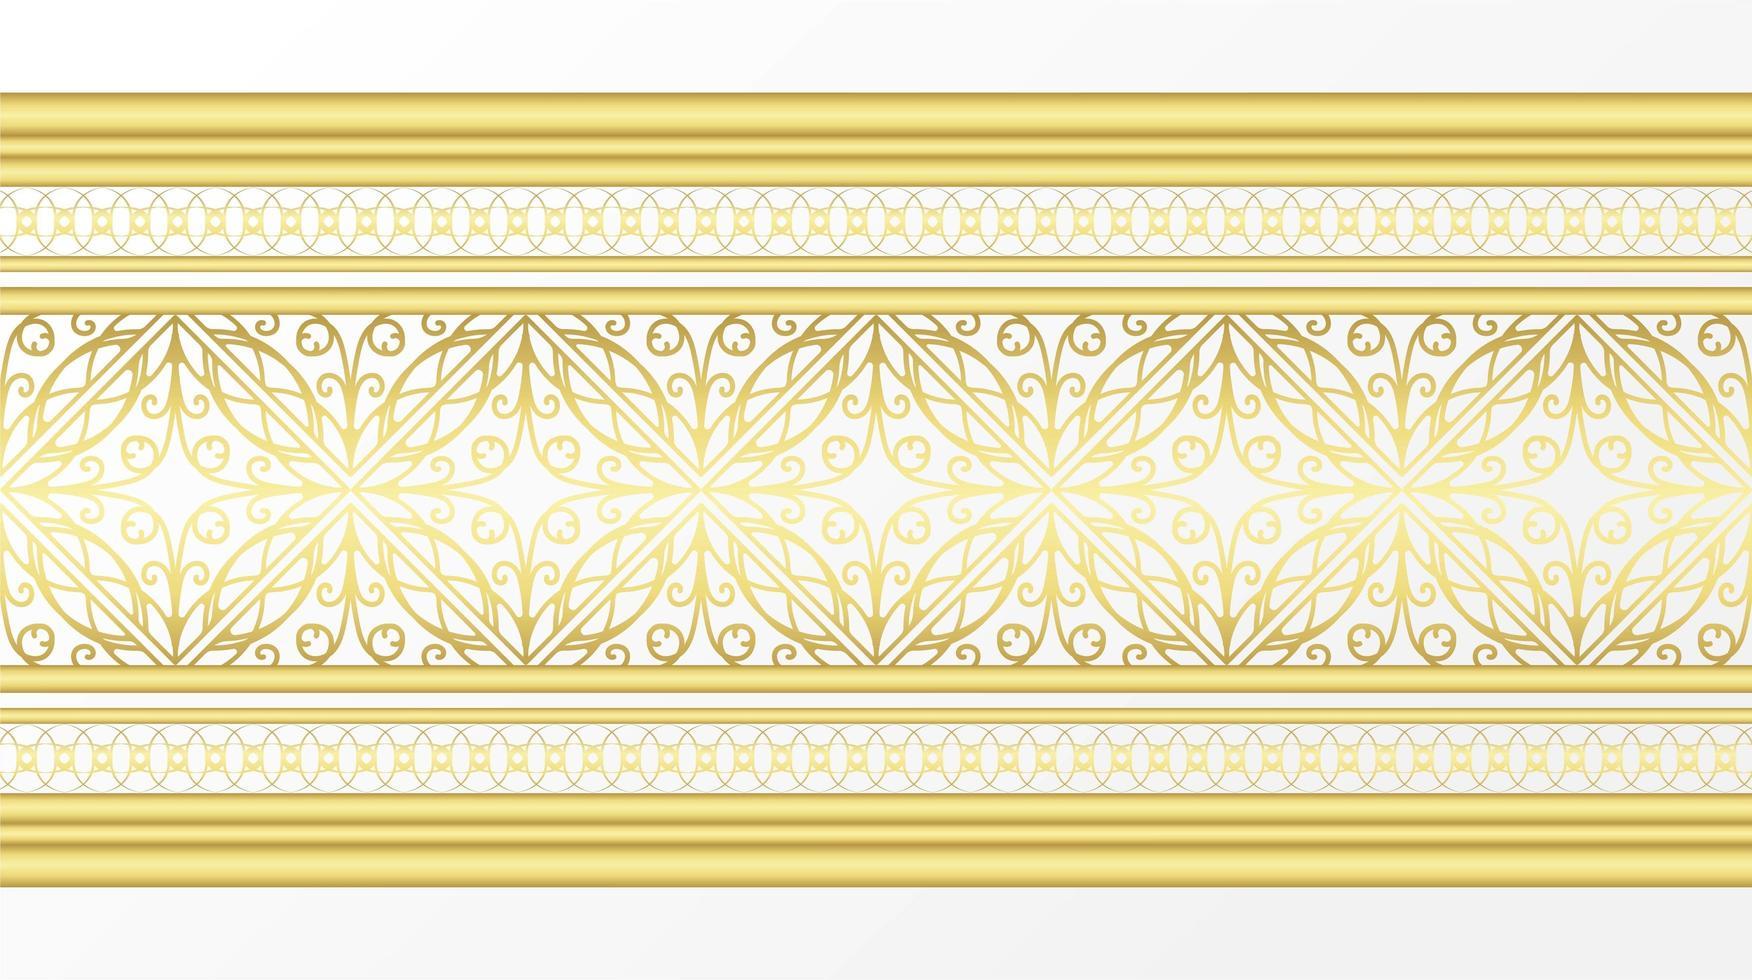 goldener Zierrand vektor